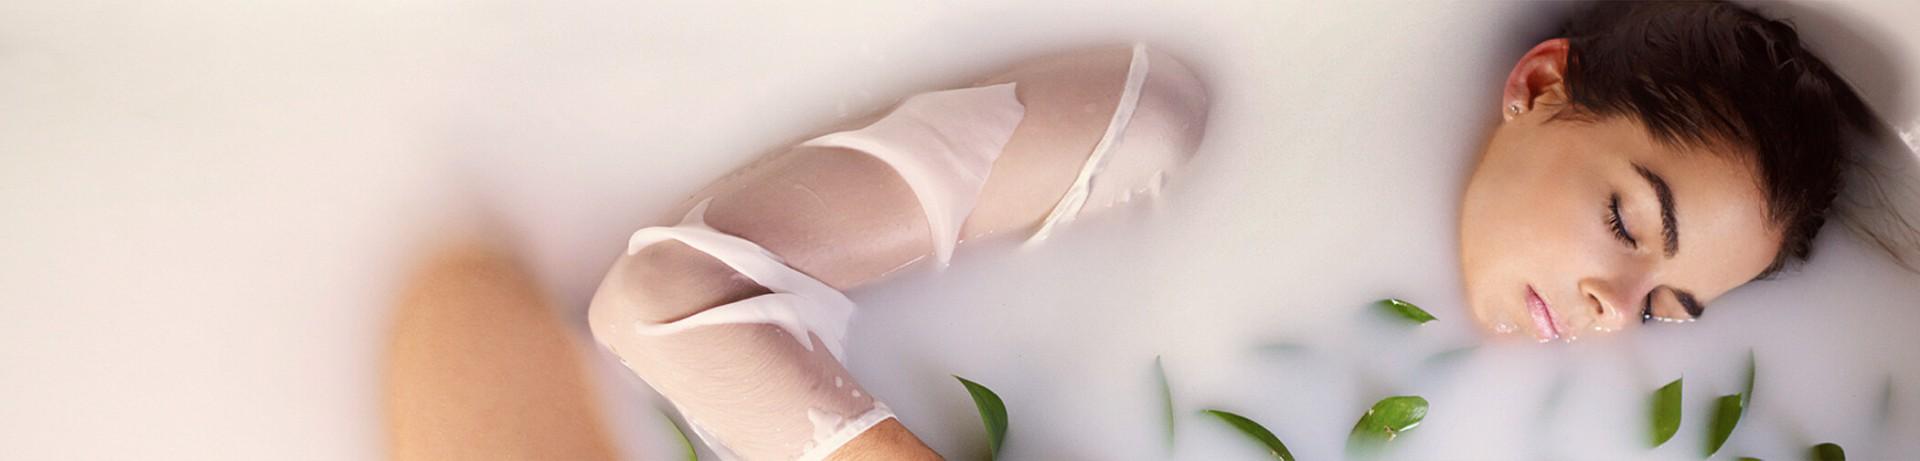 Kosmetika s oslím mlékem Aphrodite Skin Care